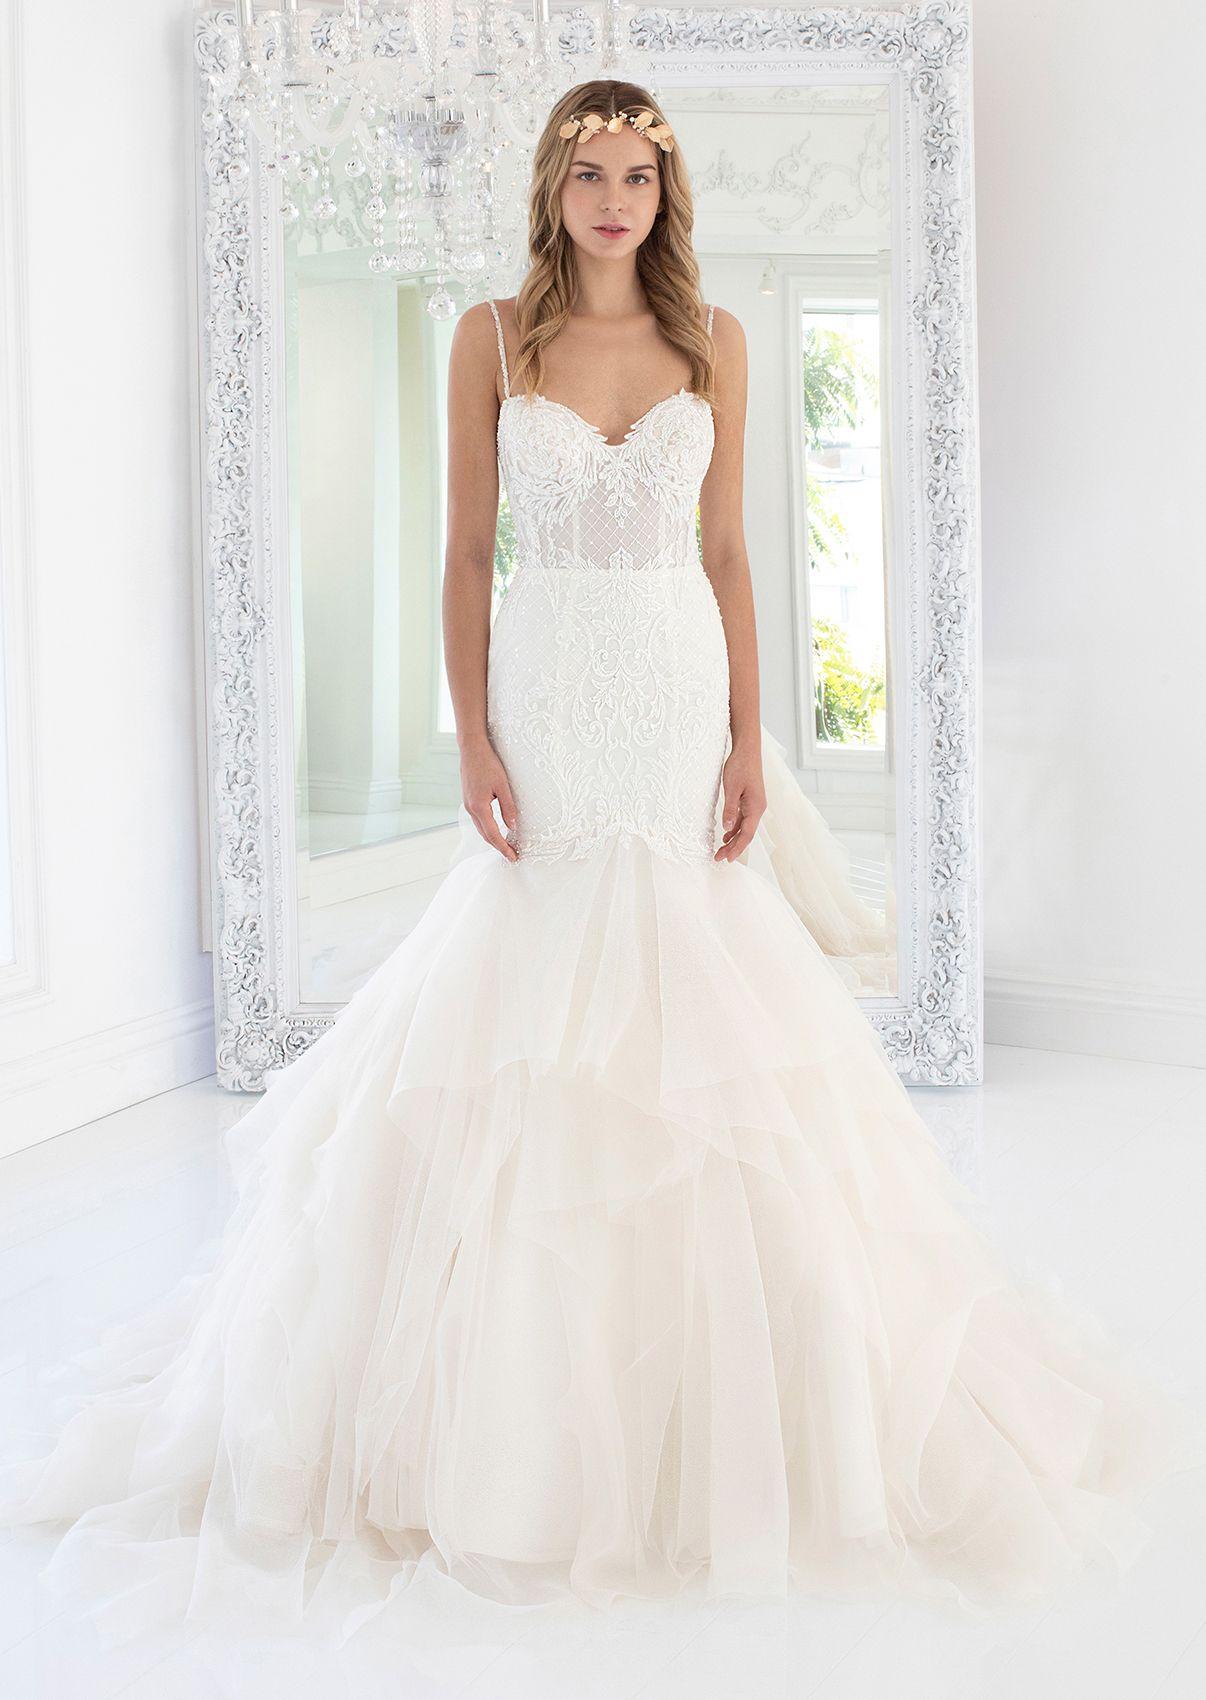 Unique Designer Wedding Dresses Custom Bridal Dresses And Gowns Wedding Dress Couture Custom Bridal Dress Couture Wedding [ 1700 x 1206 Pixel ]